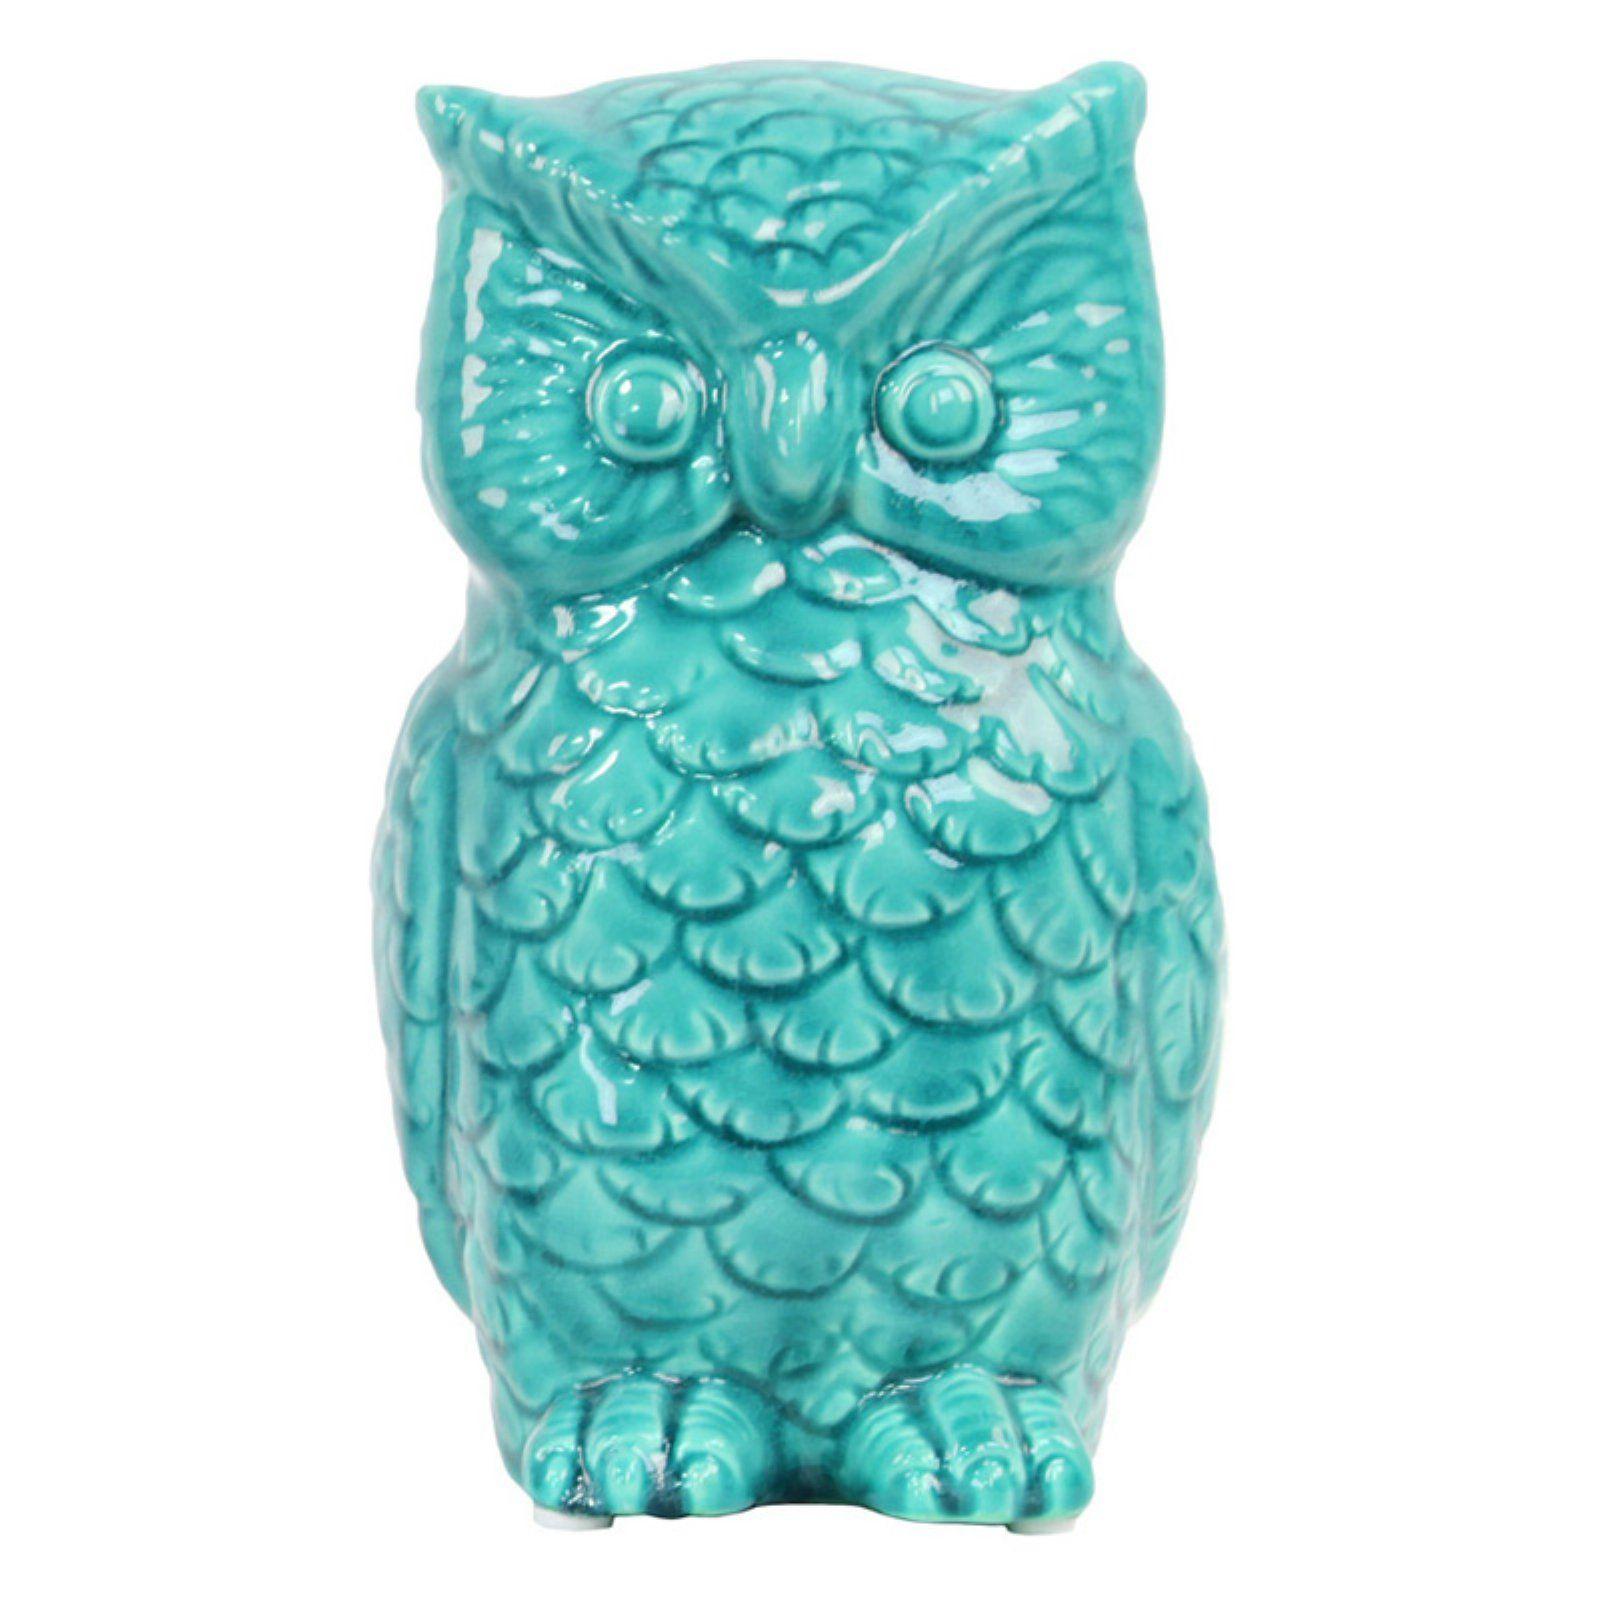 Urban Trends Ceramic Owl Figurine Turquoise Ceramic Owl Agate Decor Urban Trends Collection